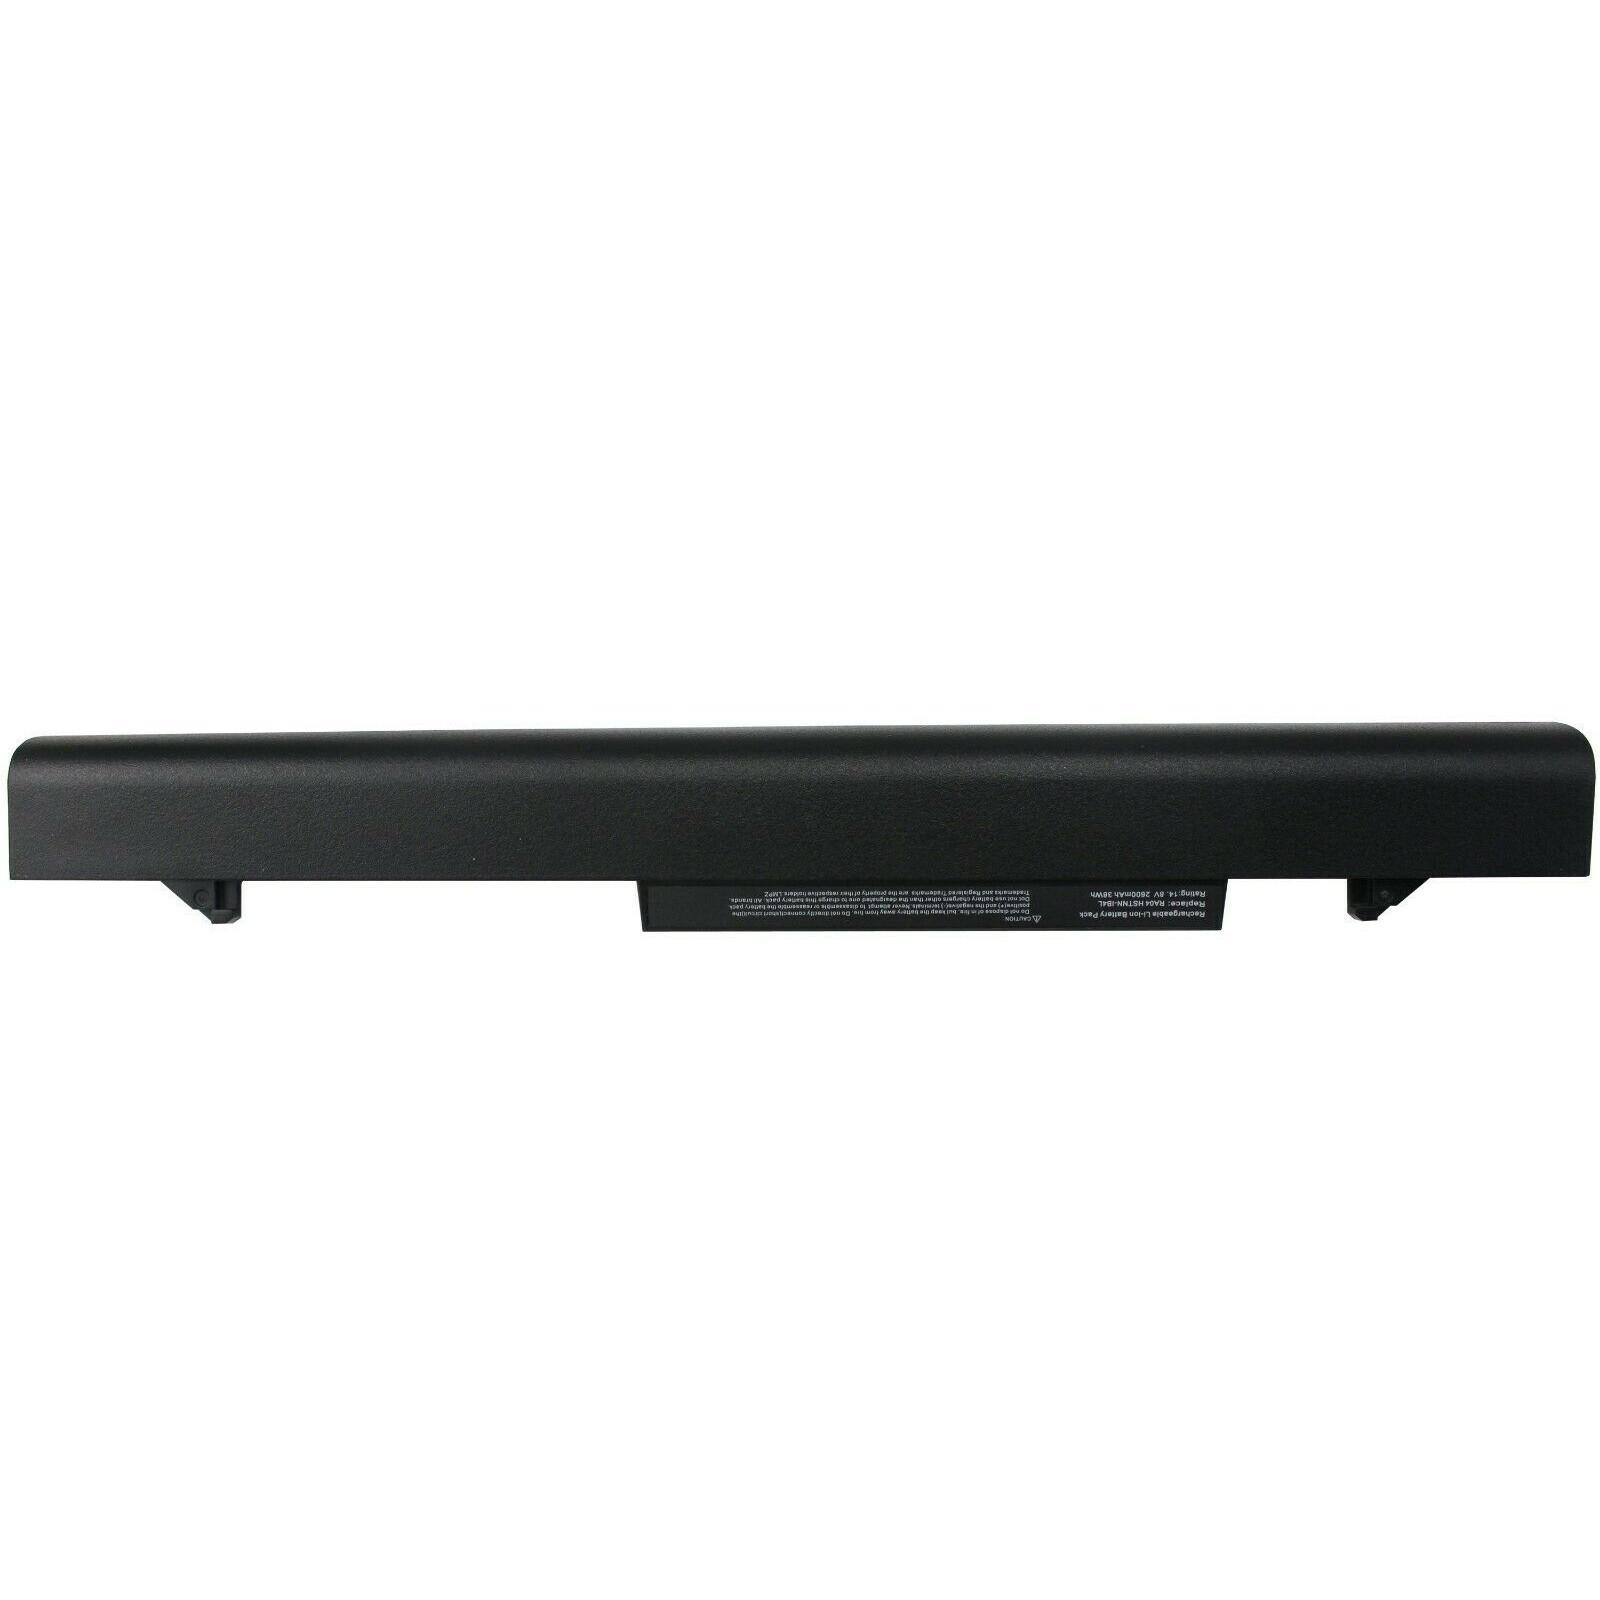 Pin dành cho Laptop HP probook 430 G1, 430 G2